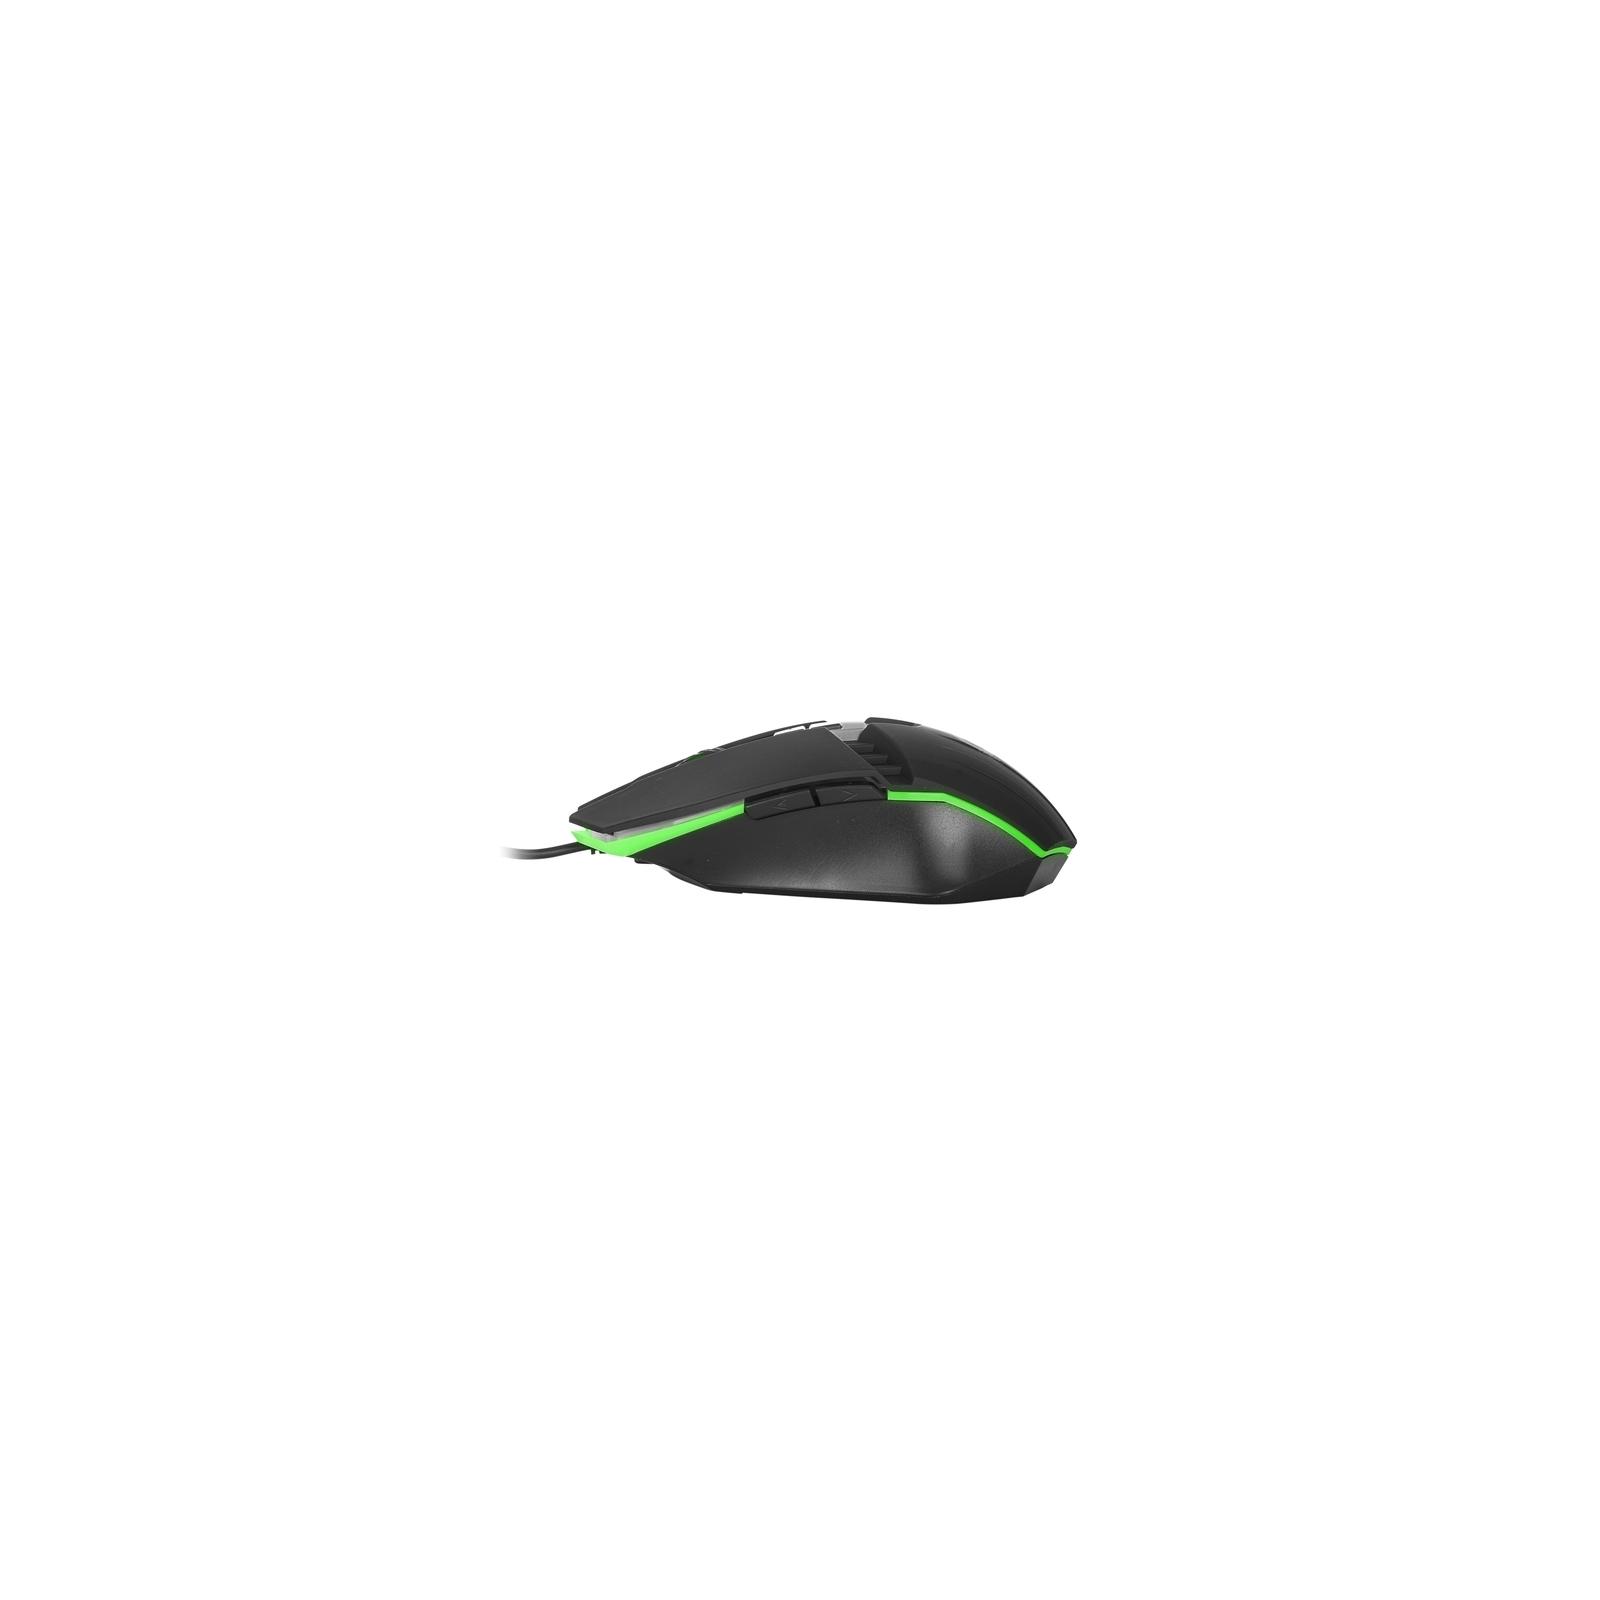 Мышка Ergo NL-710 Black (NL-710) изображение 3